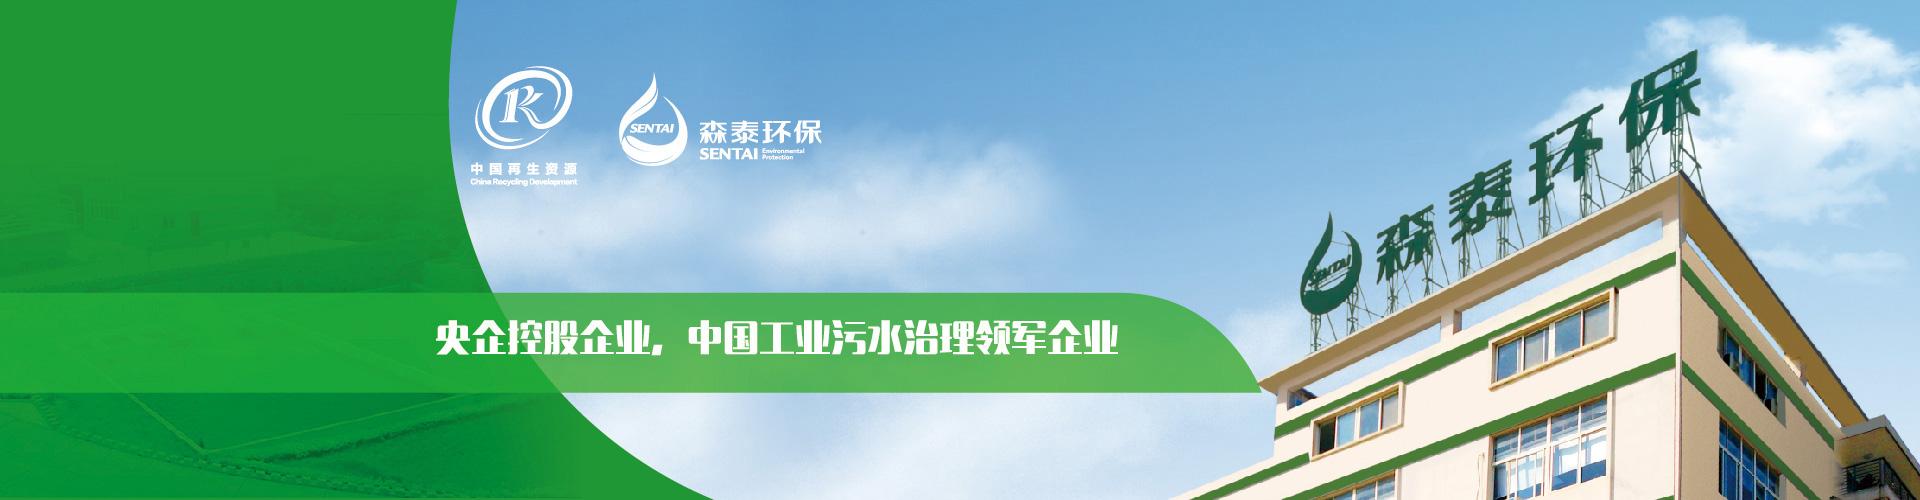 央企控股企业,中国工业污水治理领军企业